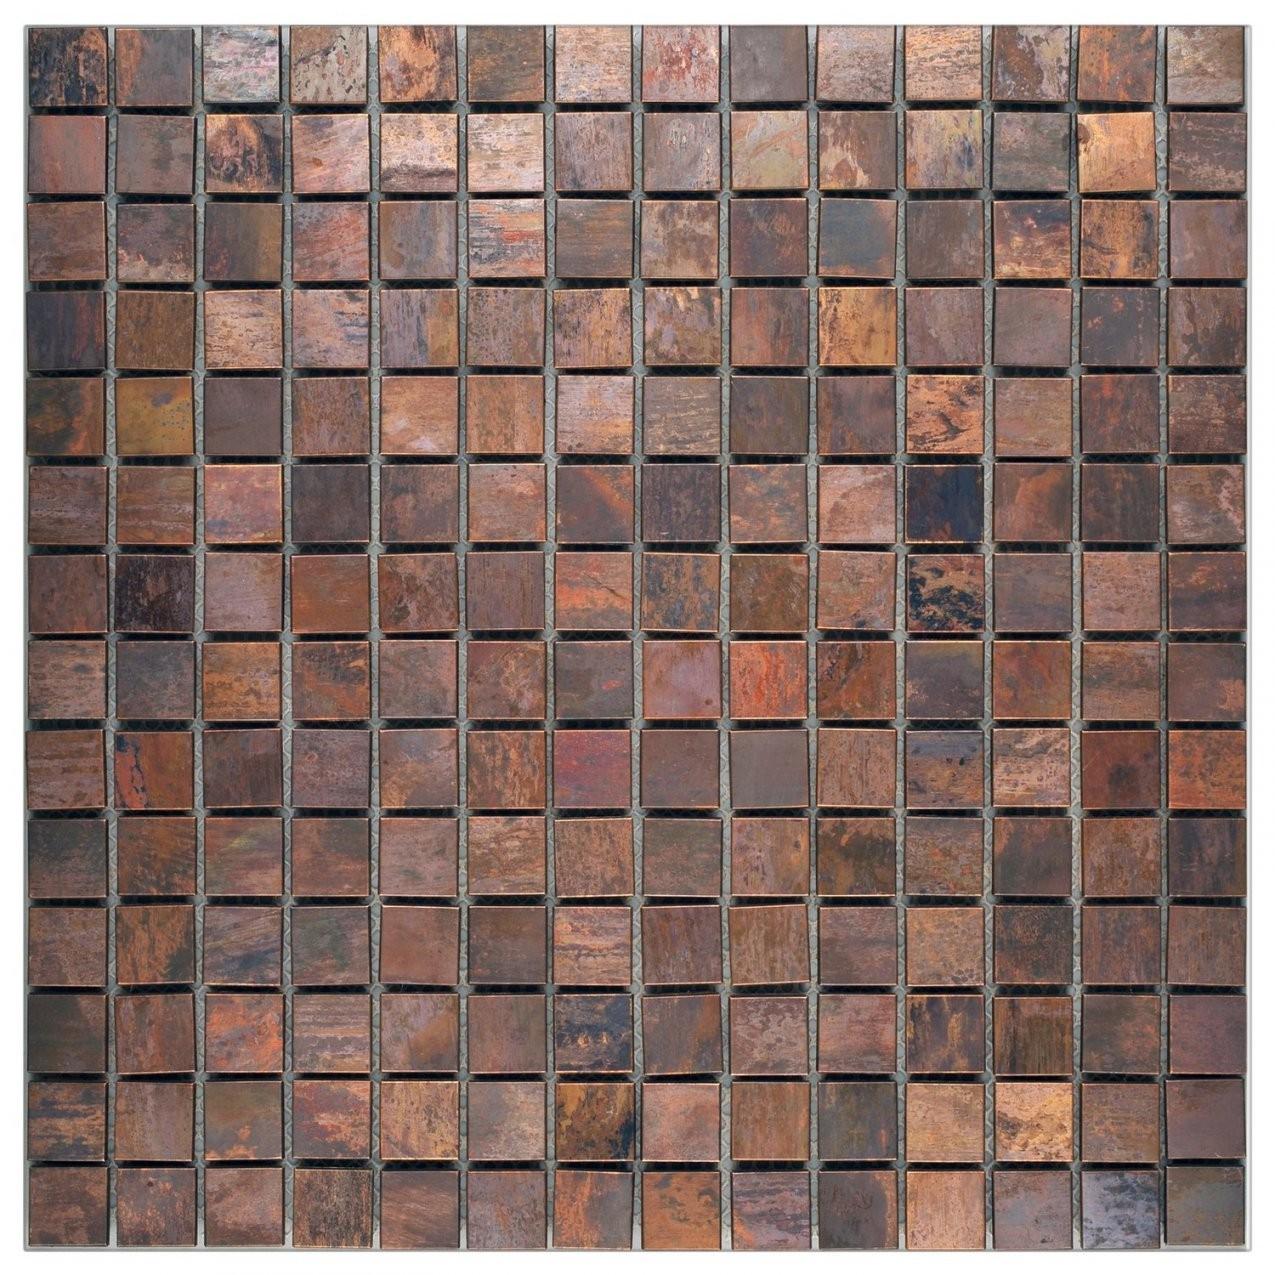 Mosaik Online Kaufen Bei Obi von Mosaik Fliesen Selbstklebend Bild